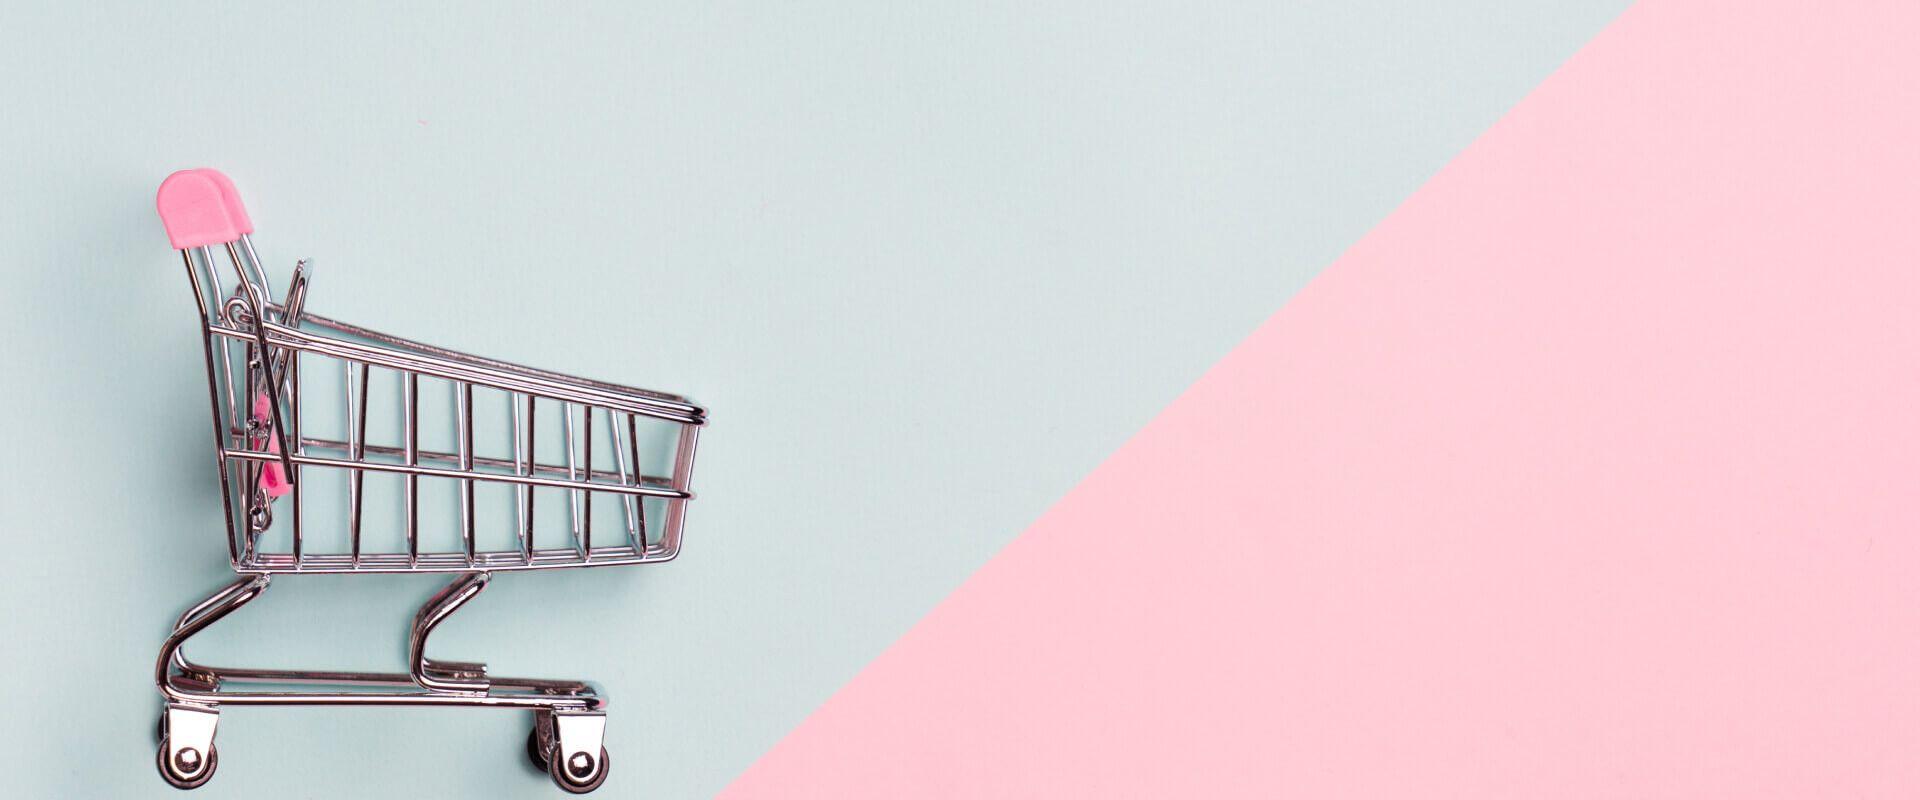 Claves para potenciar el social media selling de tu empresa